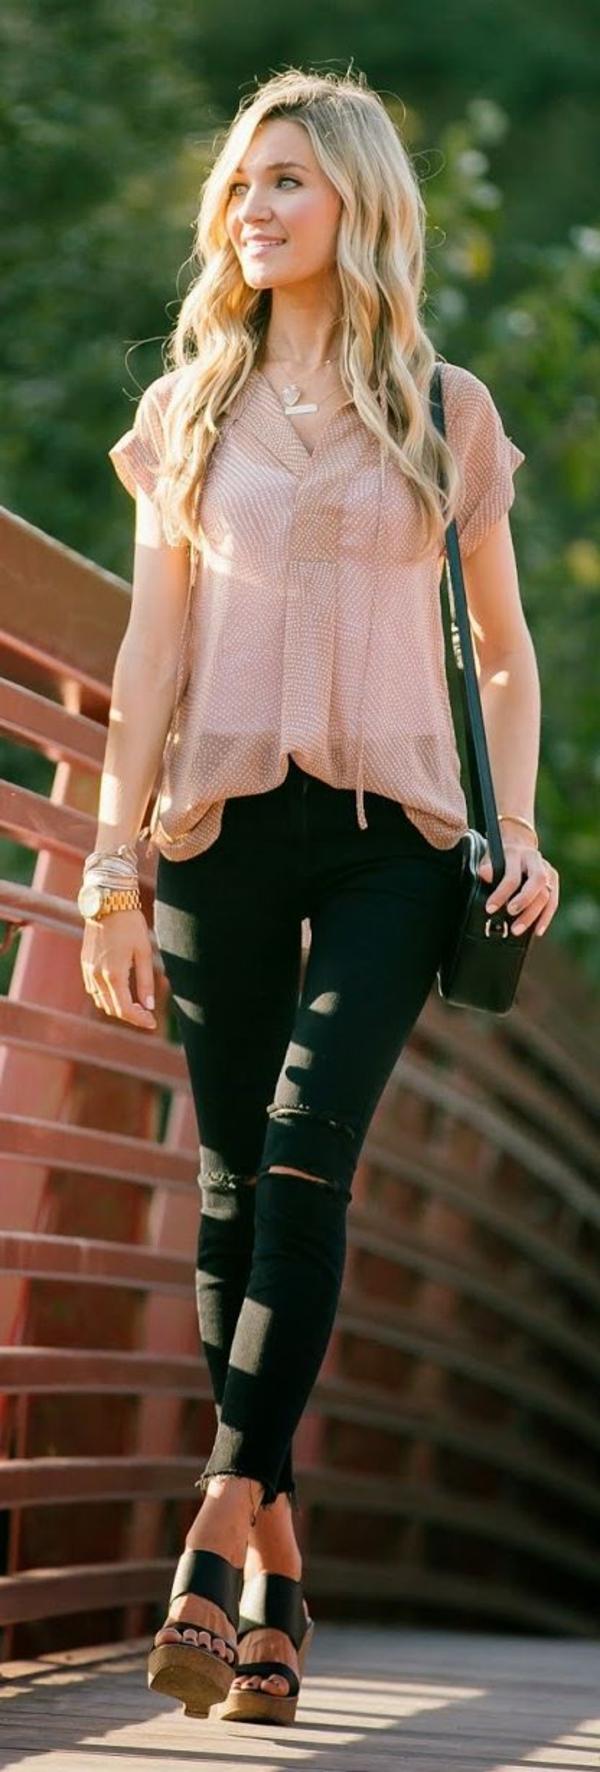 sandales-compensées-en-cuir-noir-jean-troué-noir-chemise-colorée-femme